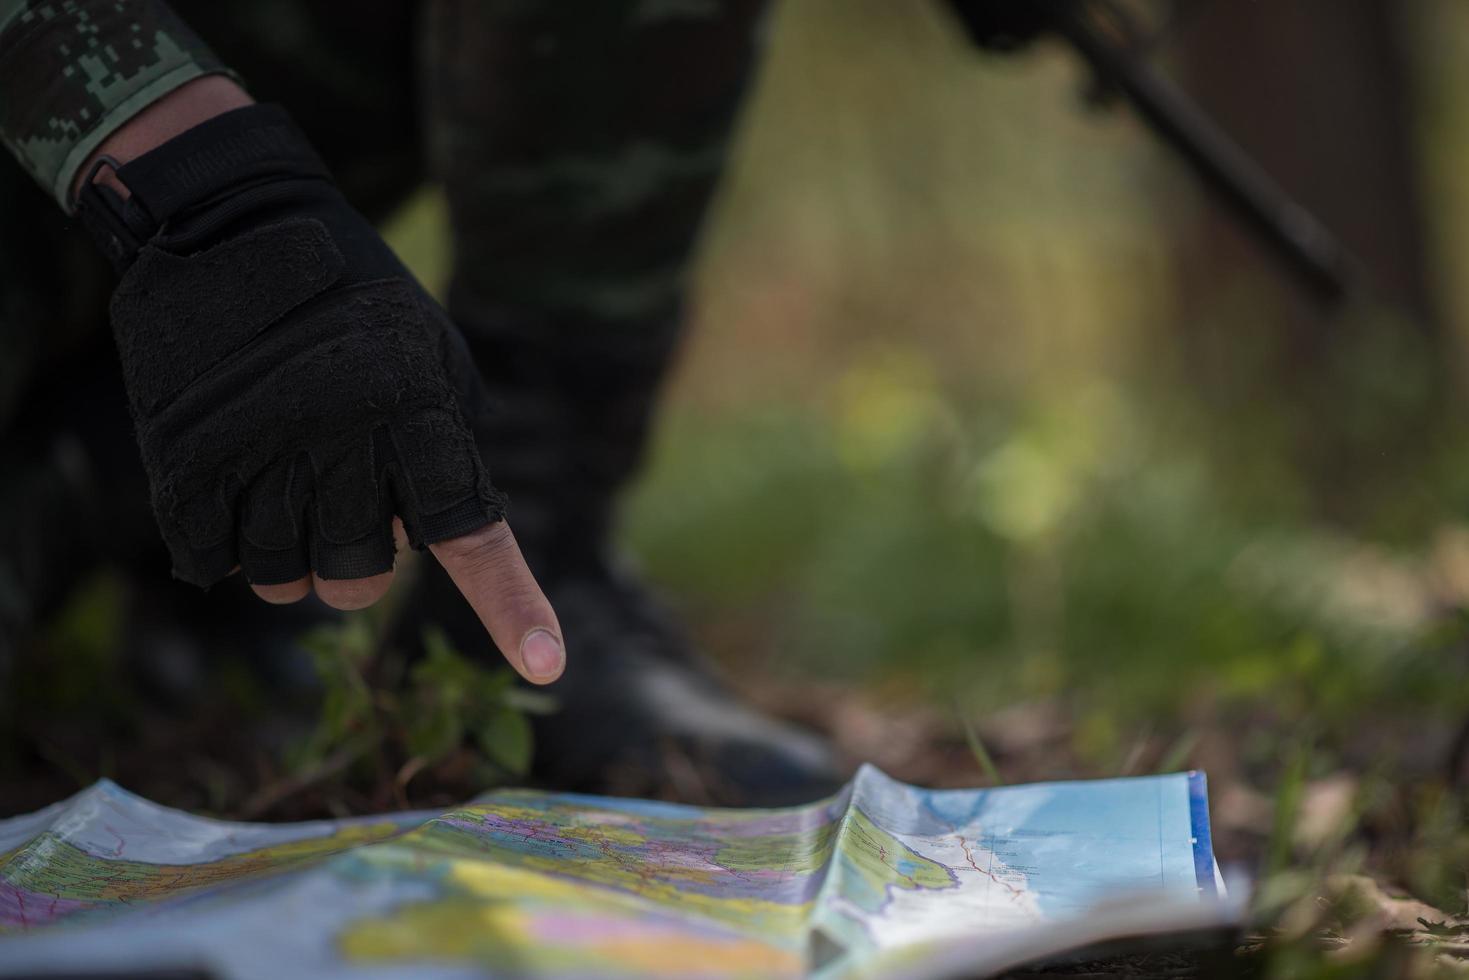 Soldat auf einer Karte foto